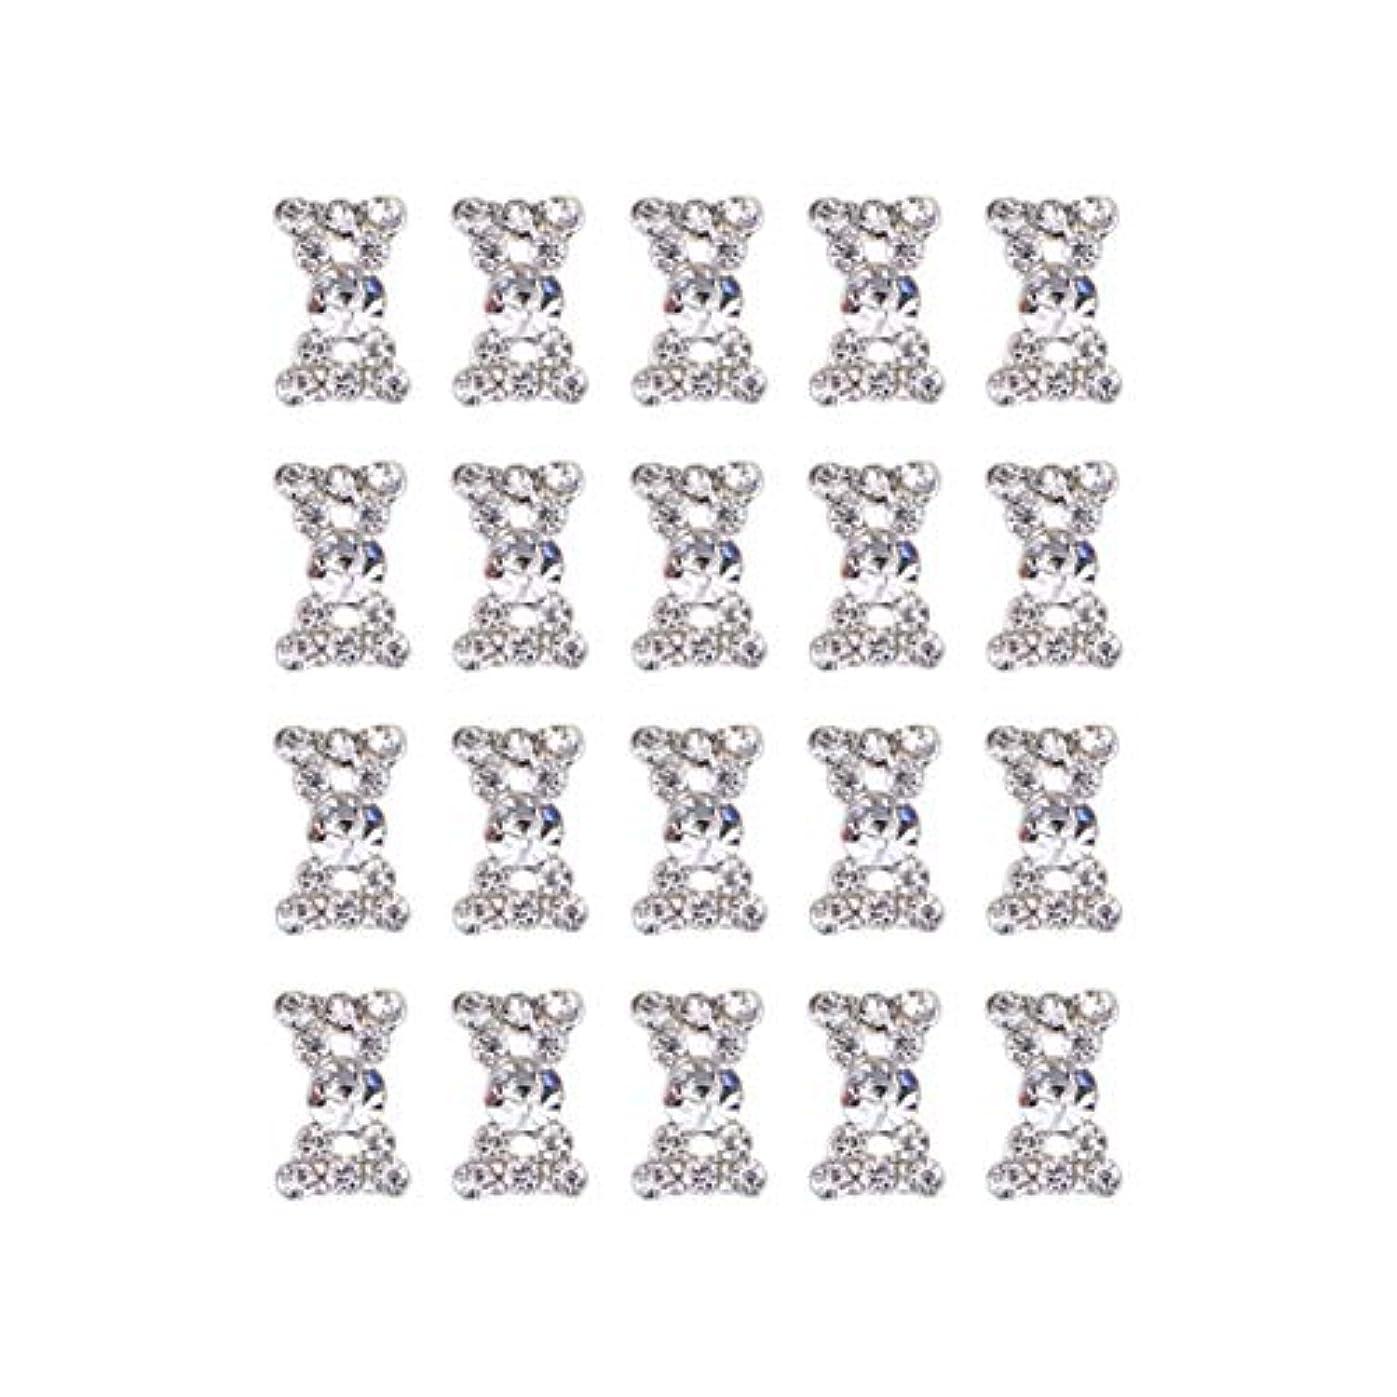 聴衆抑制する区別するSUPVOX 爪用ネイルアートの弓のラインストーンネイルアートステッカー光沢のある宝石は、DIYの装飾(S207)20枚デカル